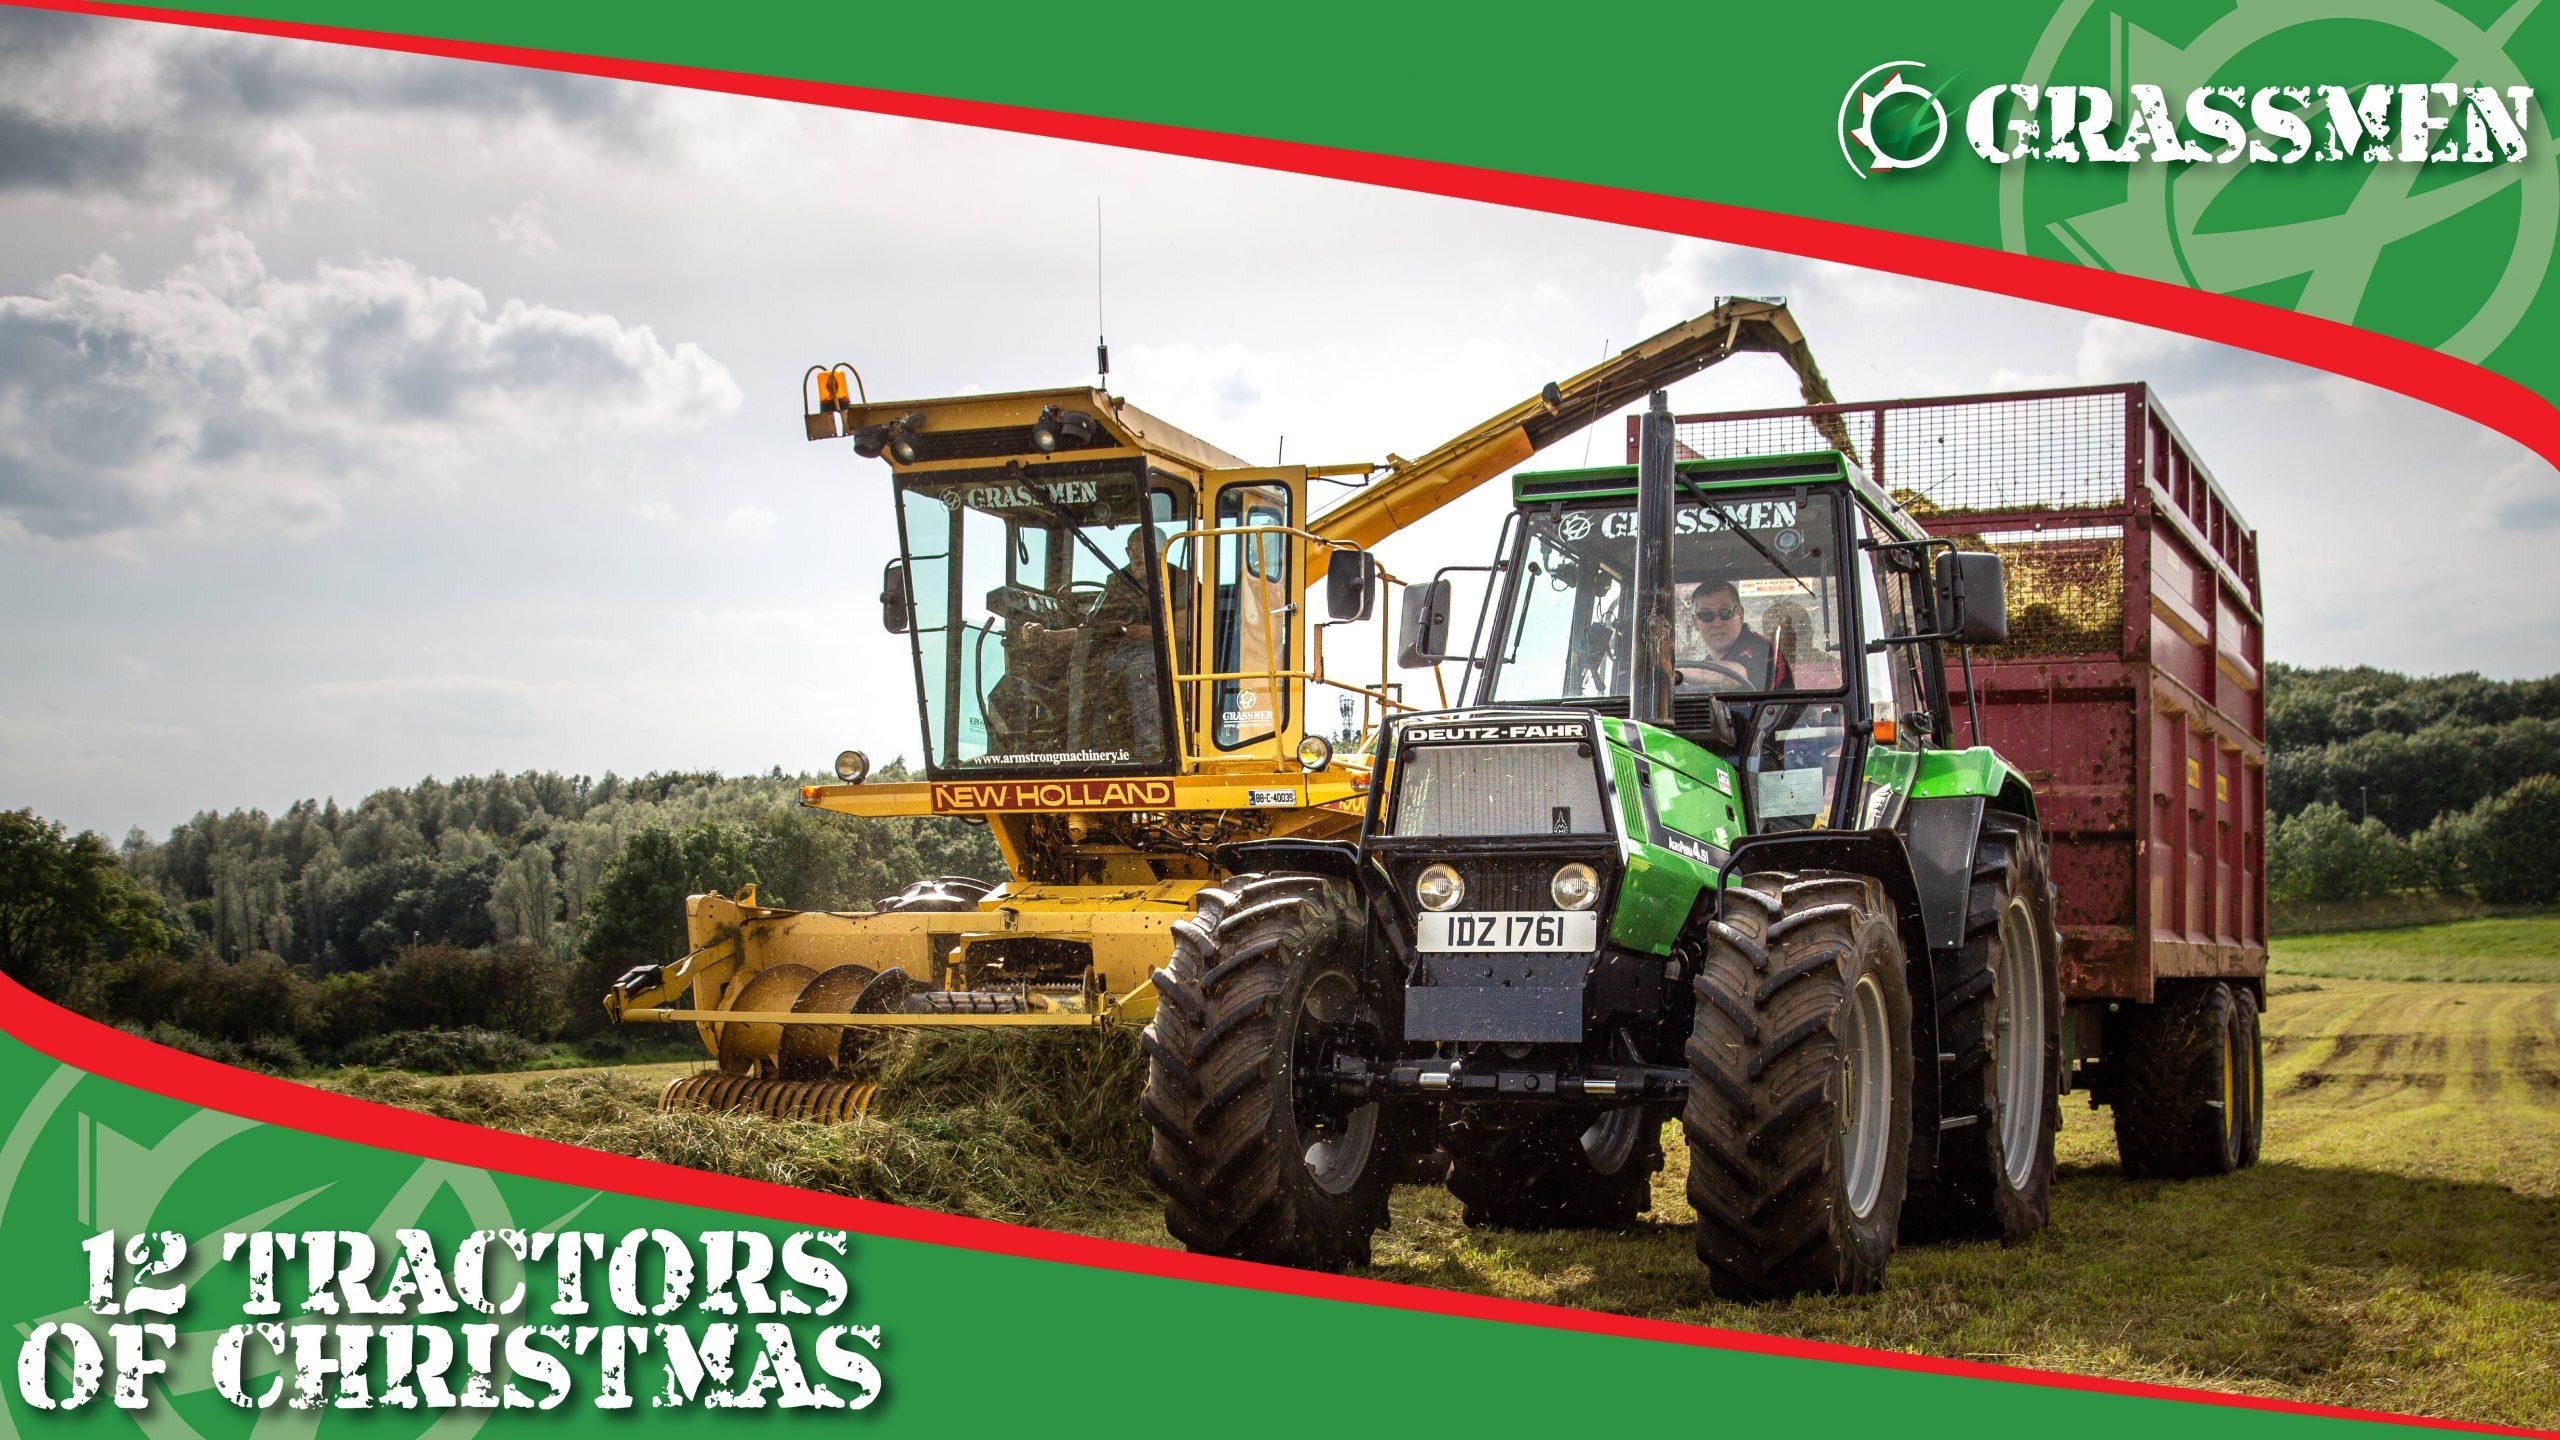 Duncan's Deutz - 12 Tractors of Christmas